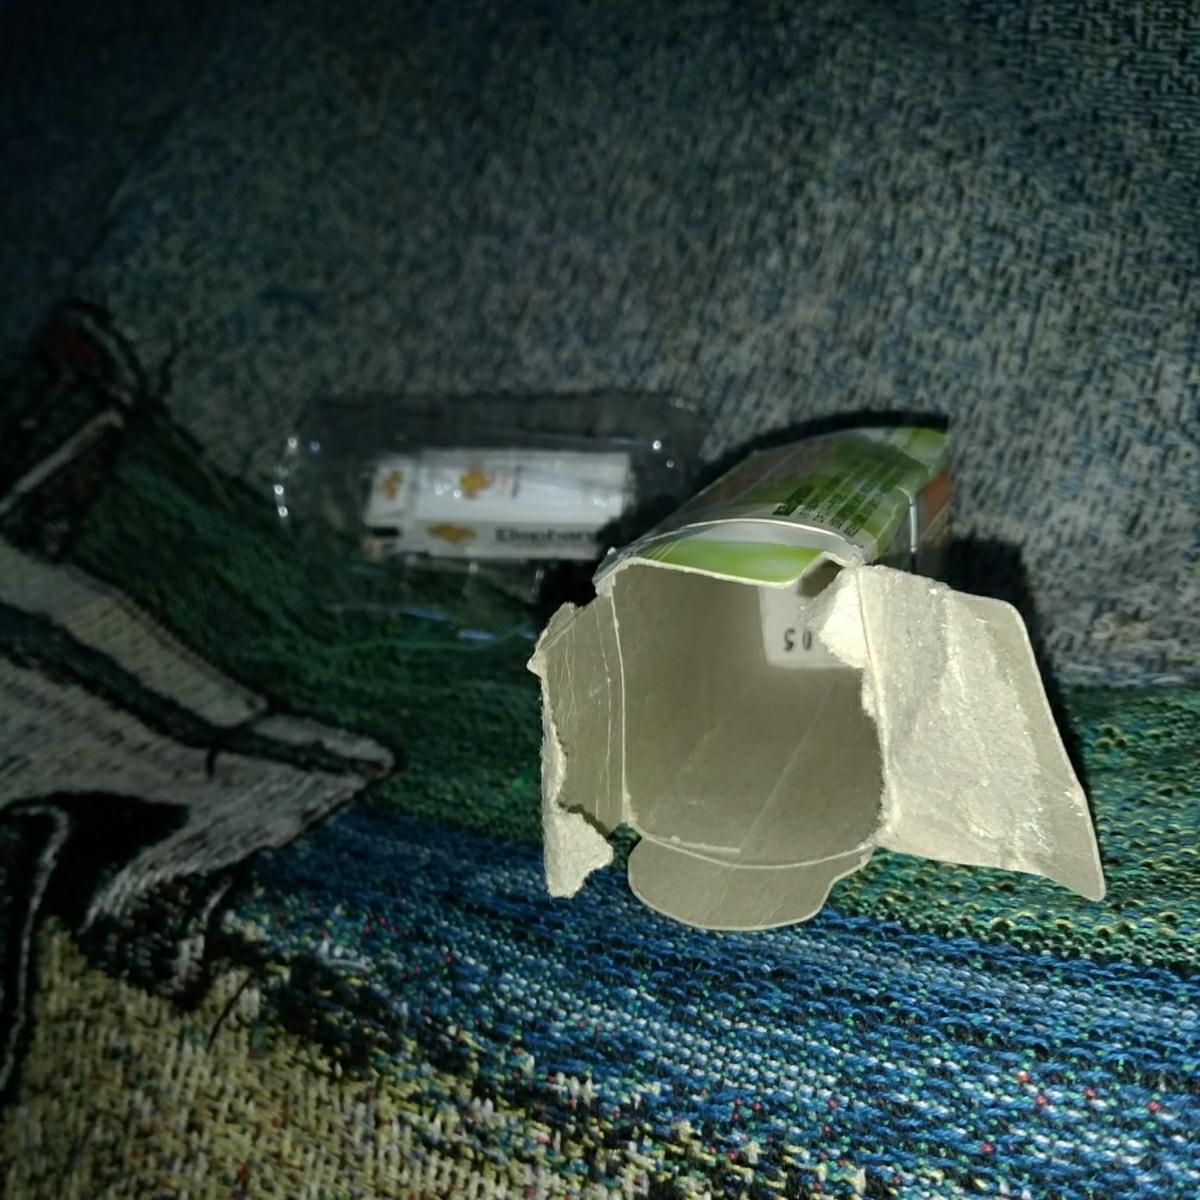 バンダイワーキングビーグル第3弾 引越中型トラック編 日野レンジャー 松本引越センター_画像10